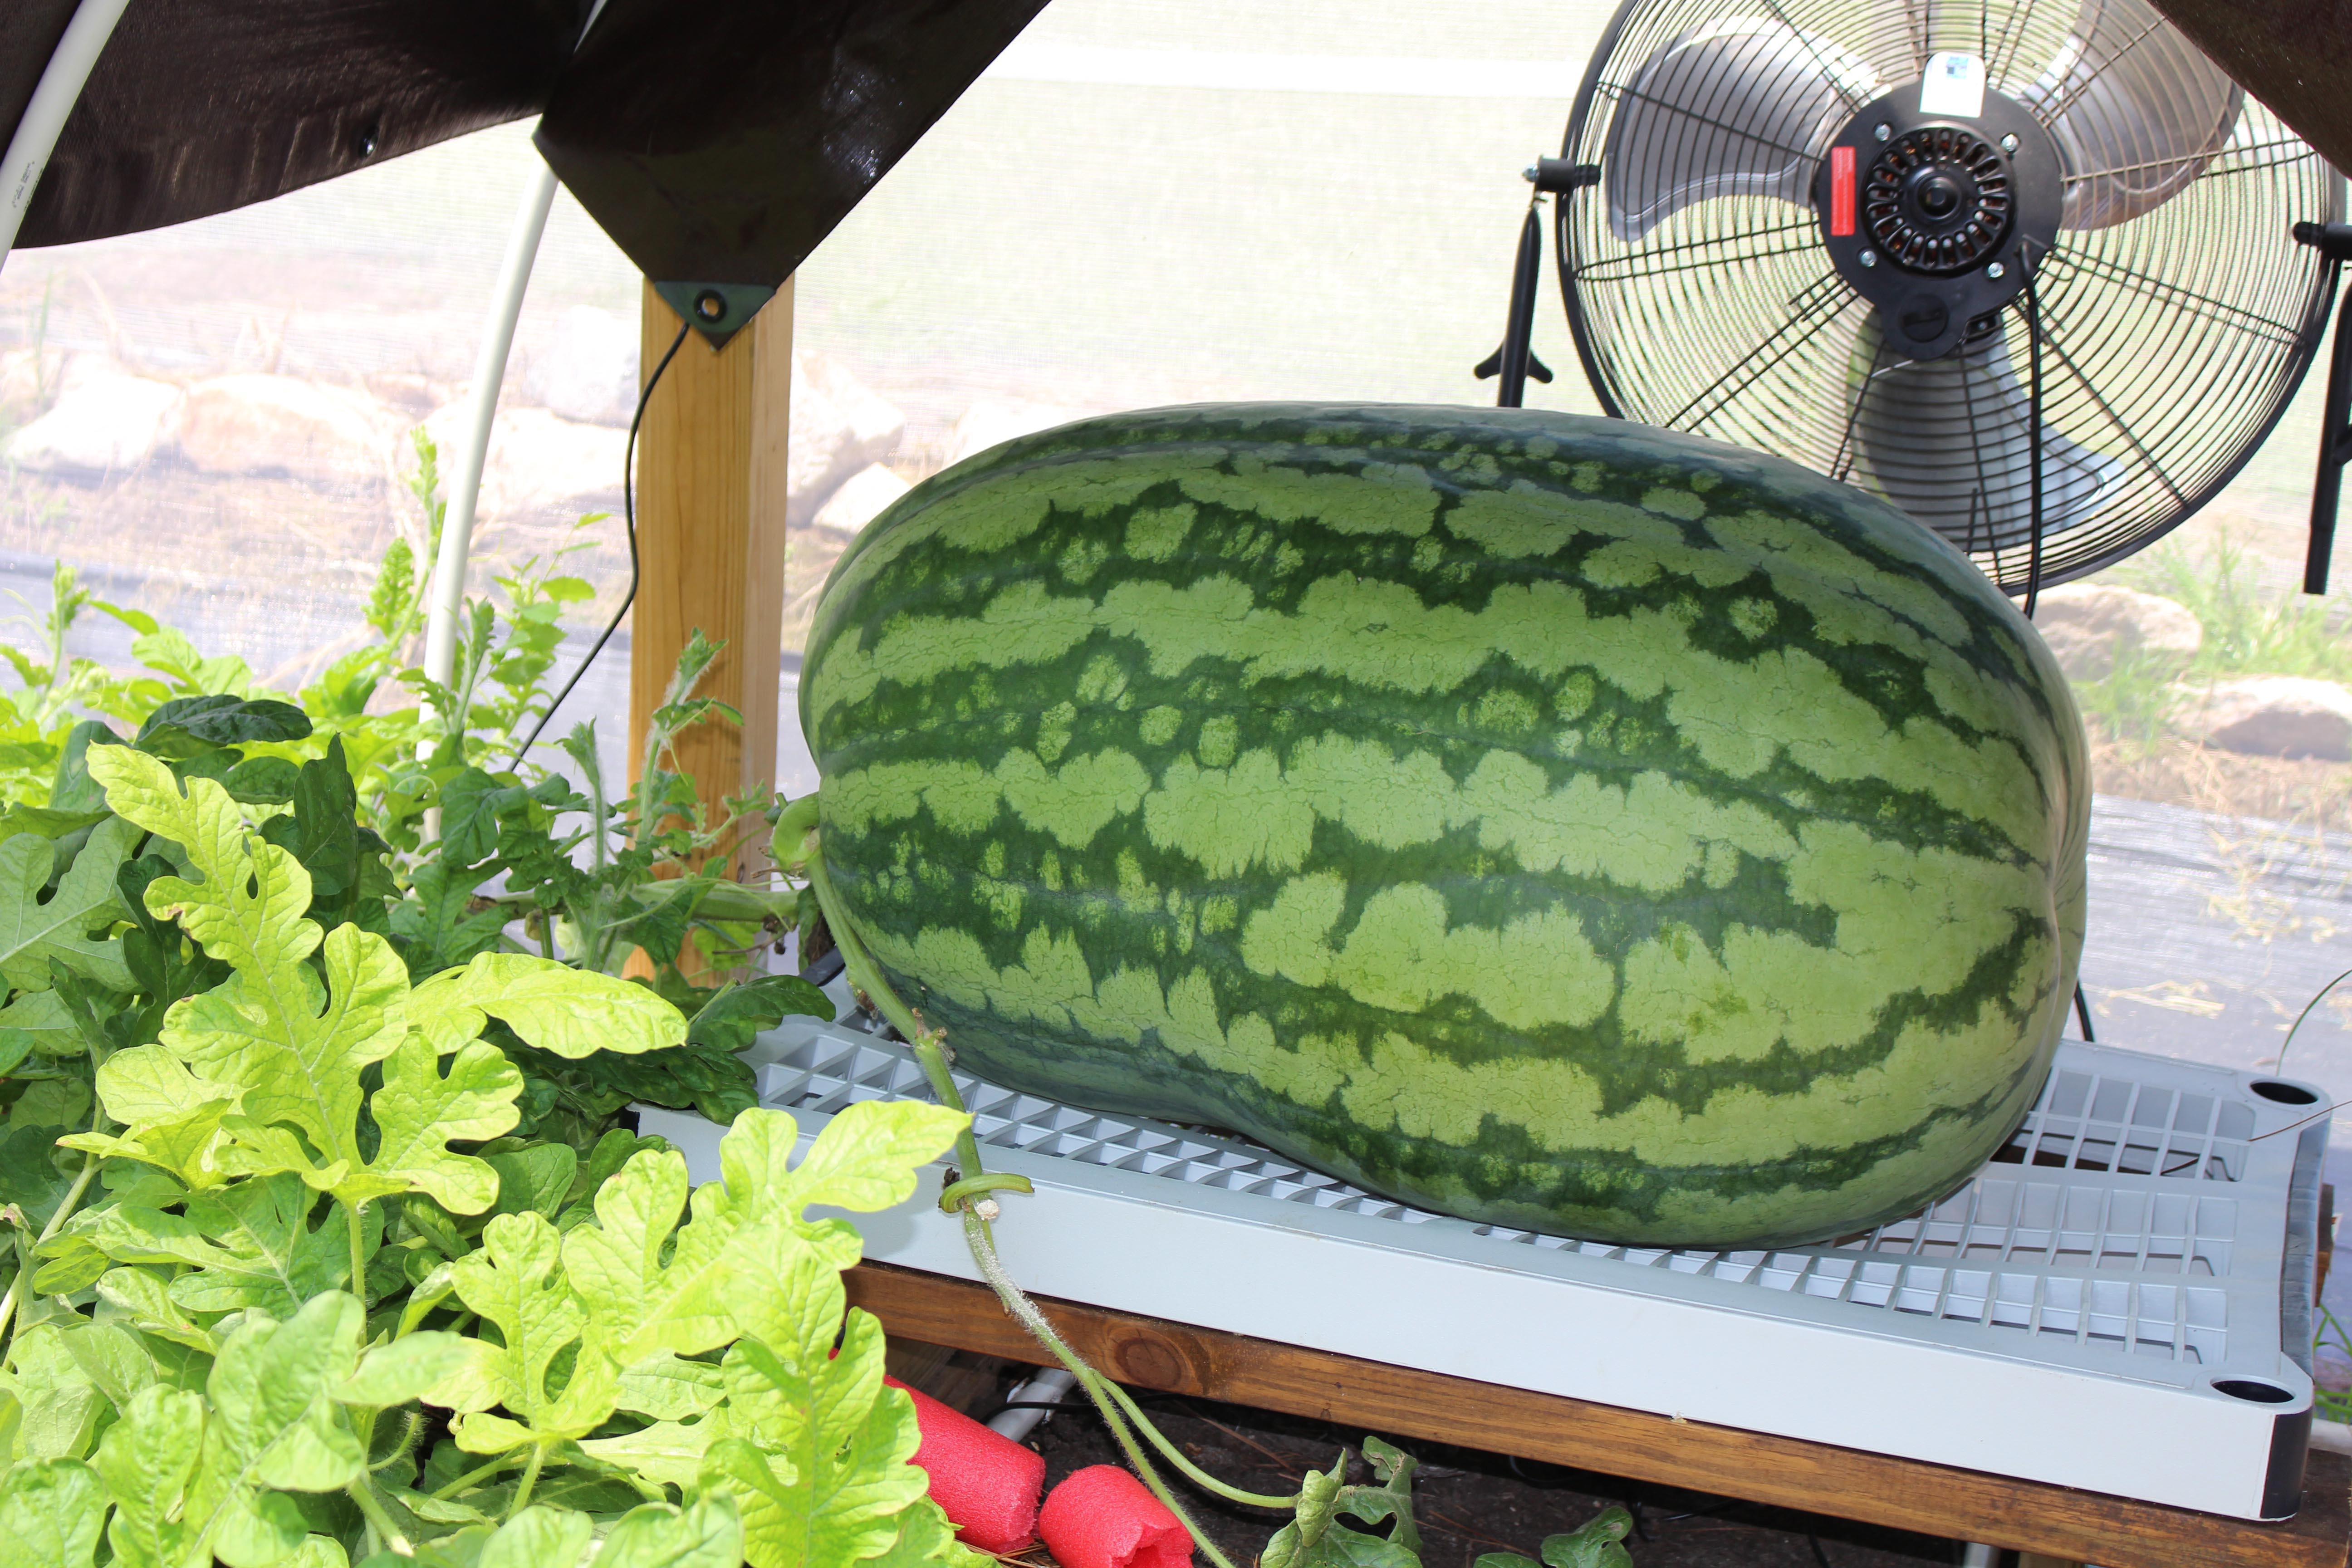 watermelon inside greenhouse